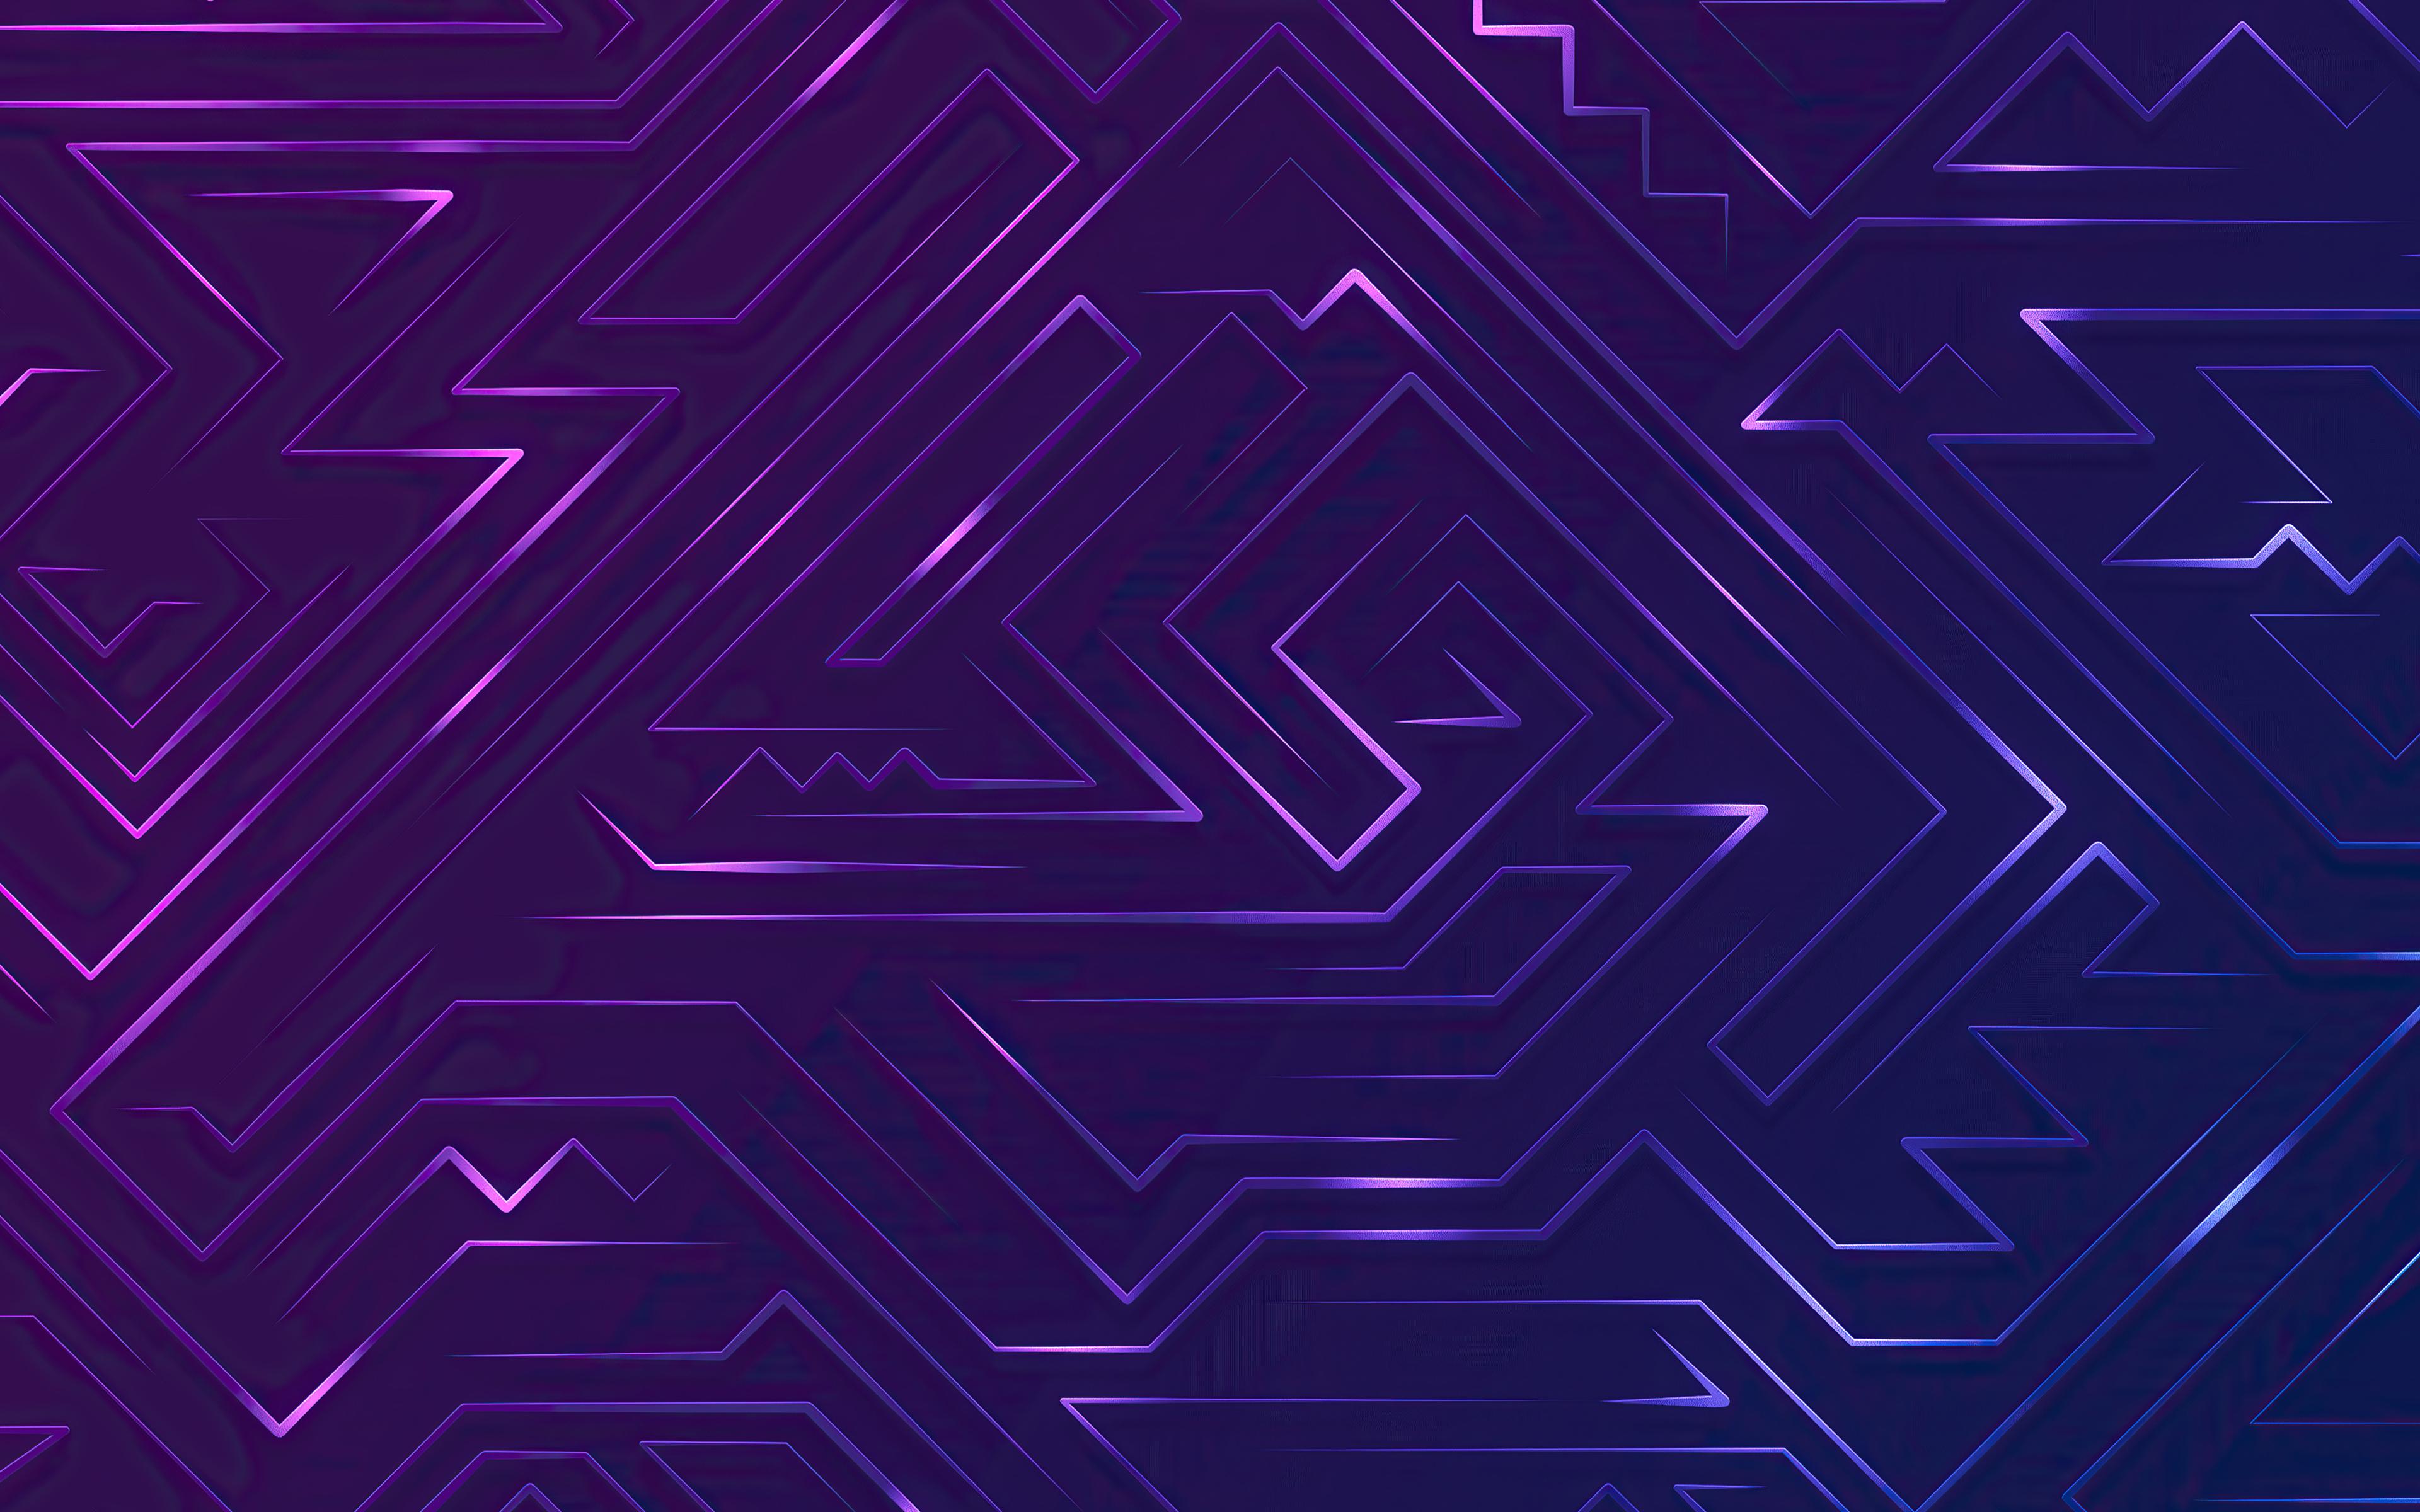 pattern-violet-graphics-4k-k2.jpg